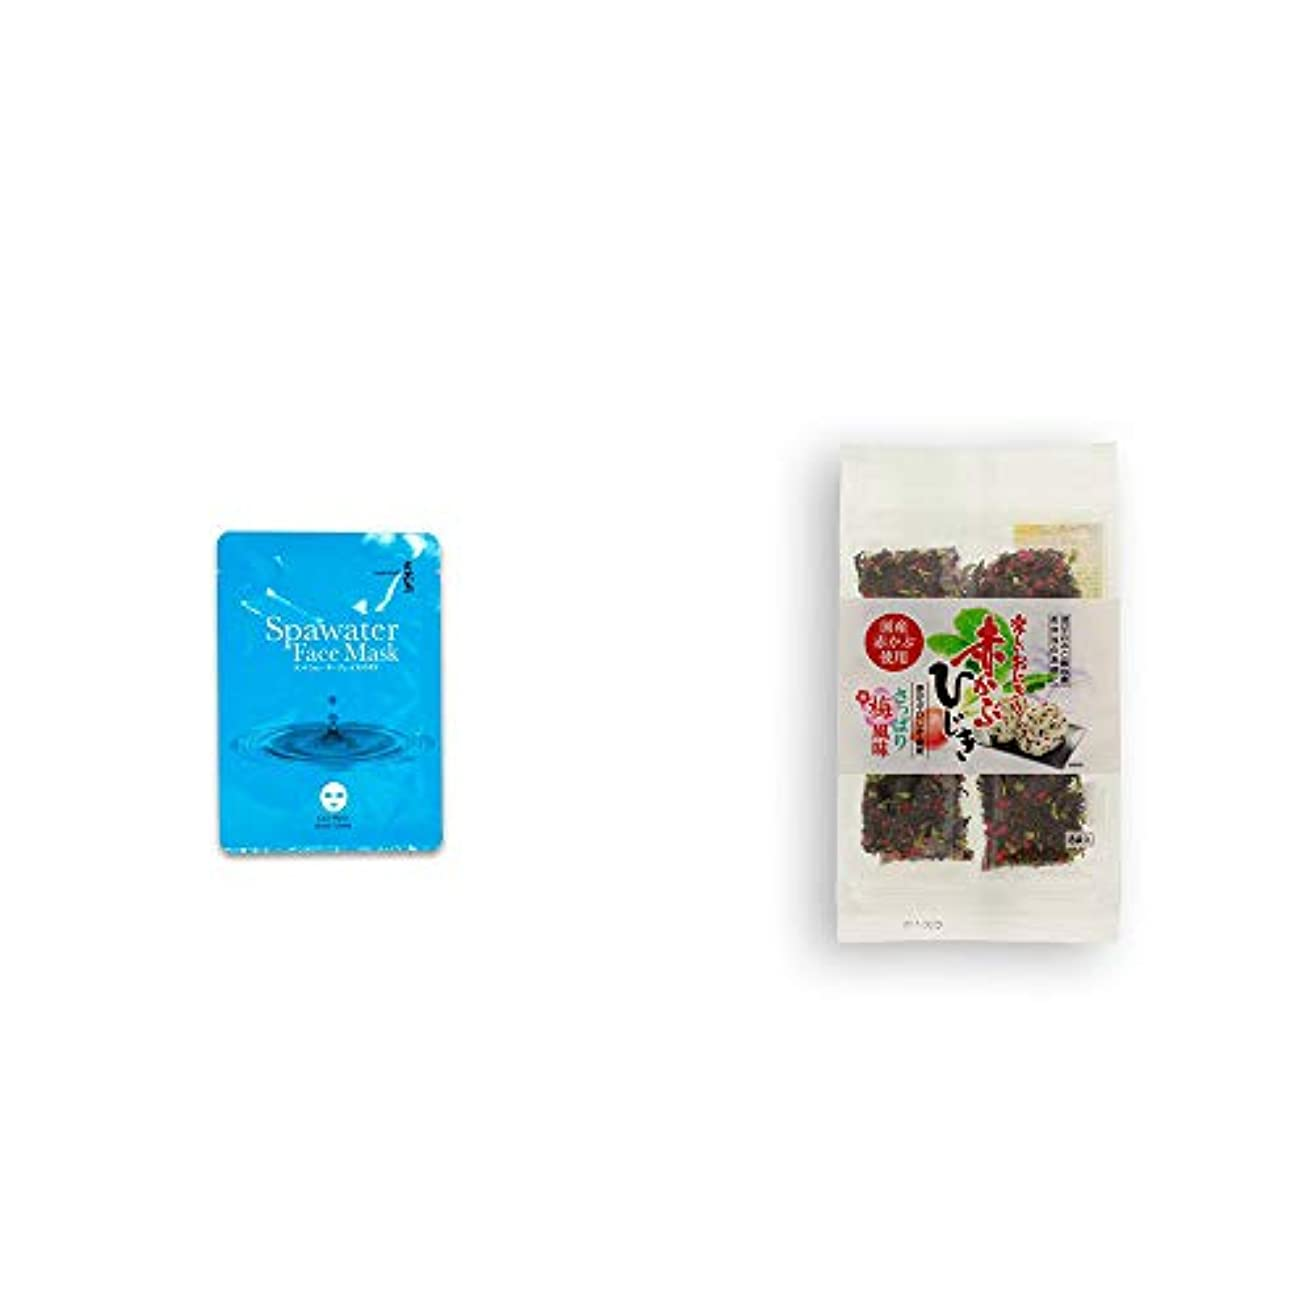 共役イベント境界[2点セット] ひのき炭黒泉 スパウォーターフェイスマスク(18ml×3枚入)?楽しいおにぎり 赤かぶひじき(8g×8袋)